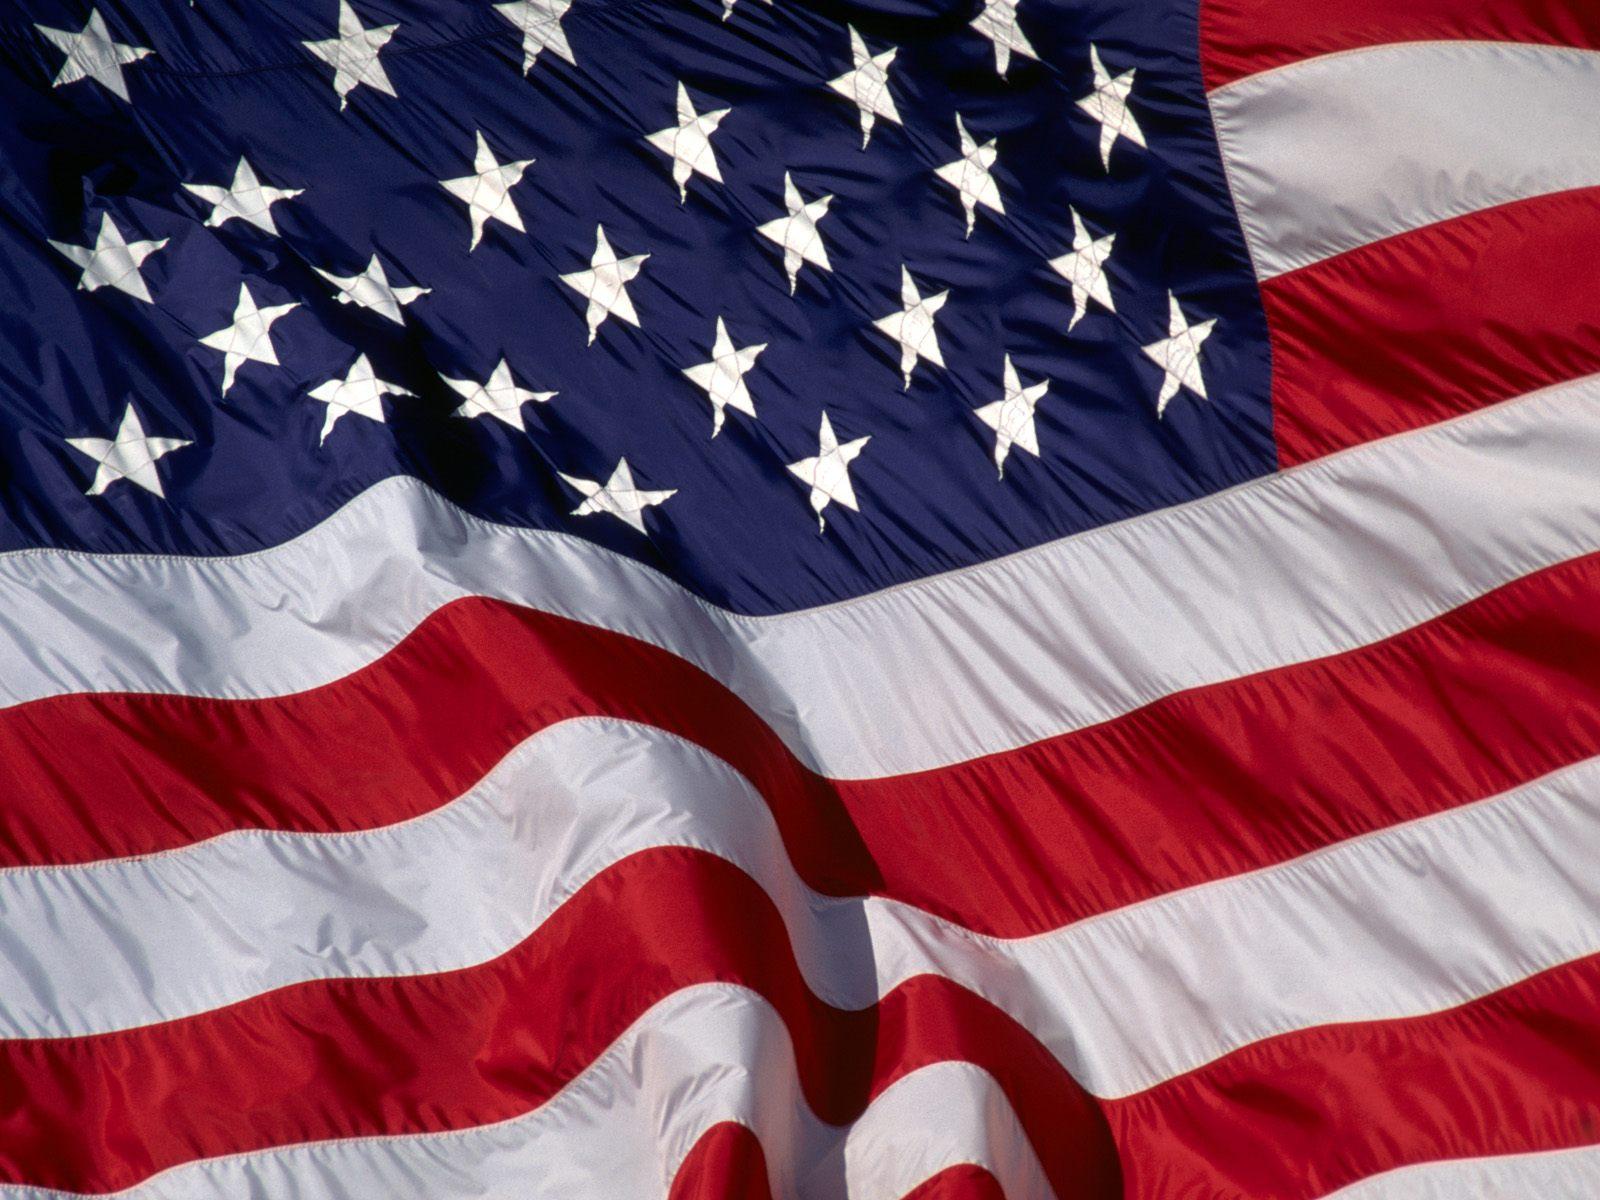 Запасы коммерческой нефти США выросли до 425,6 млн барр